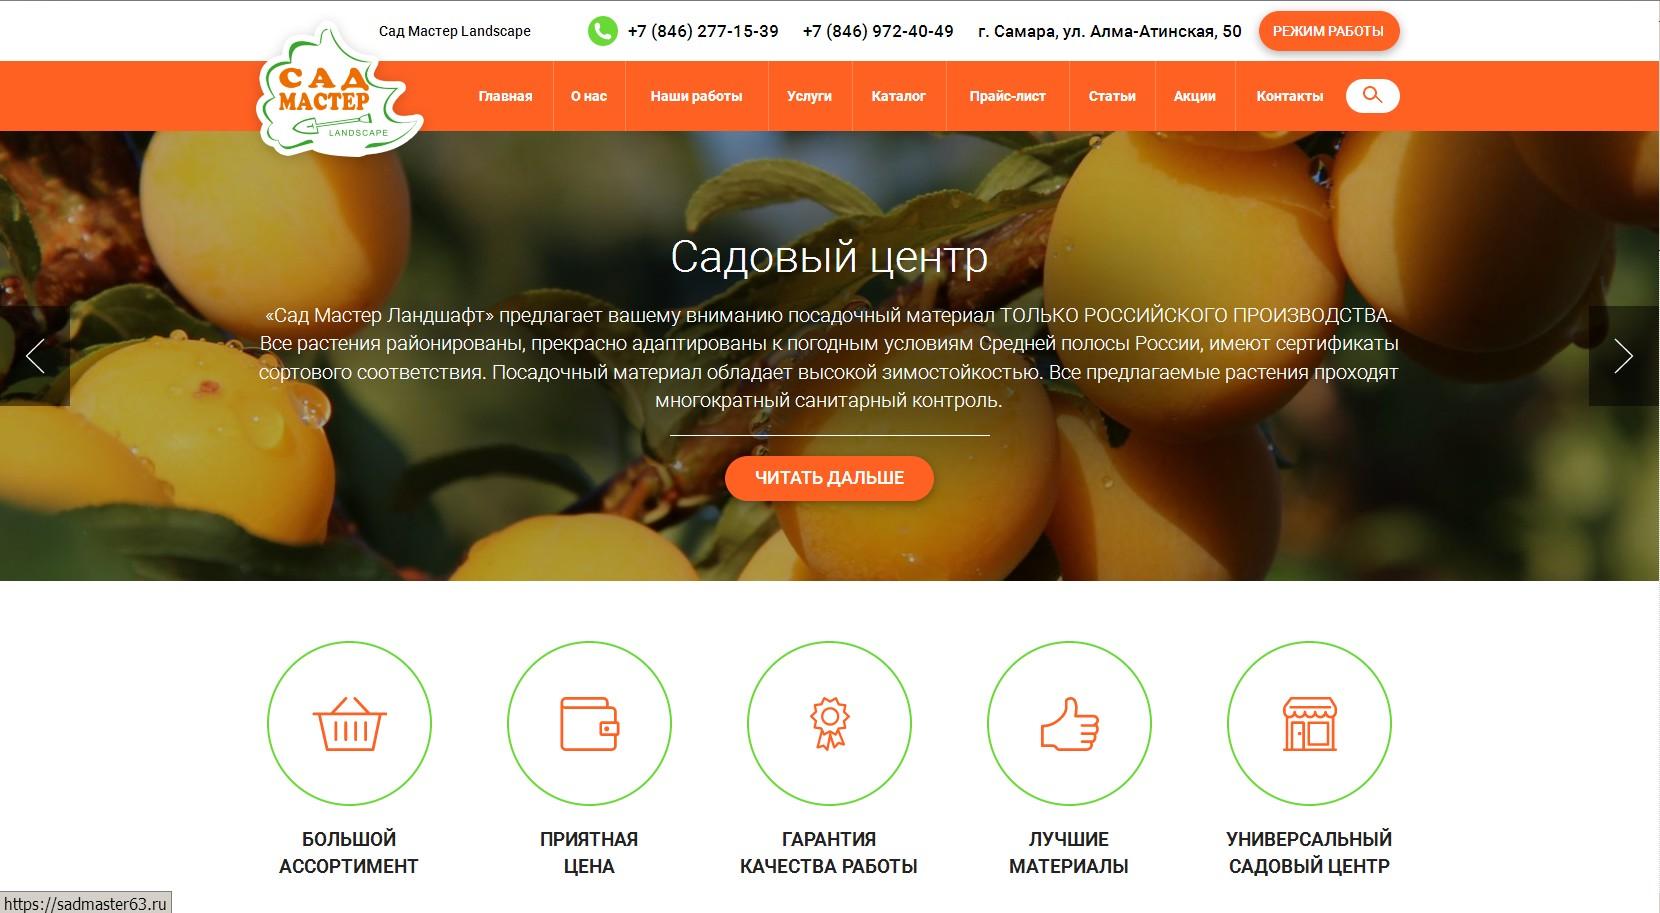 логотип sadmaster63.ru